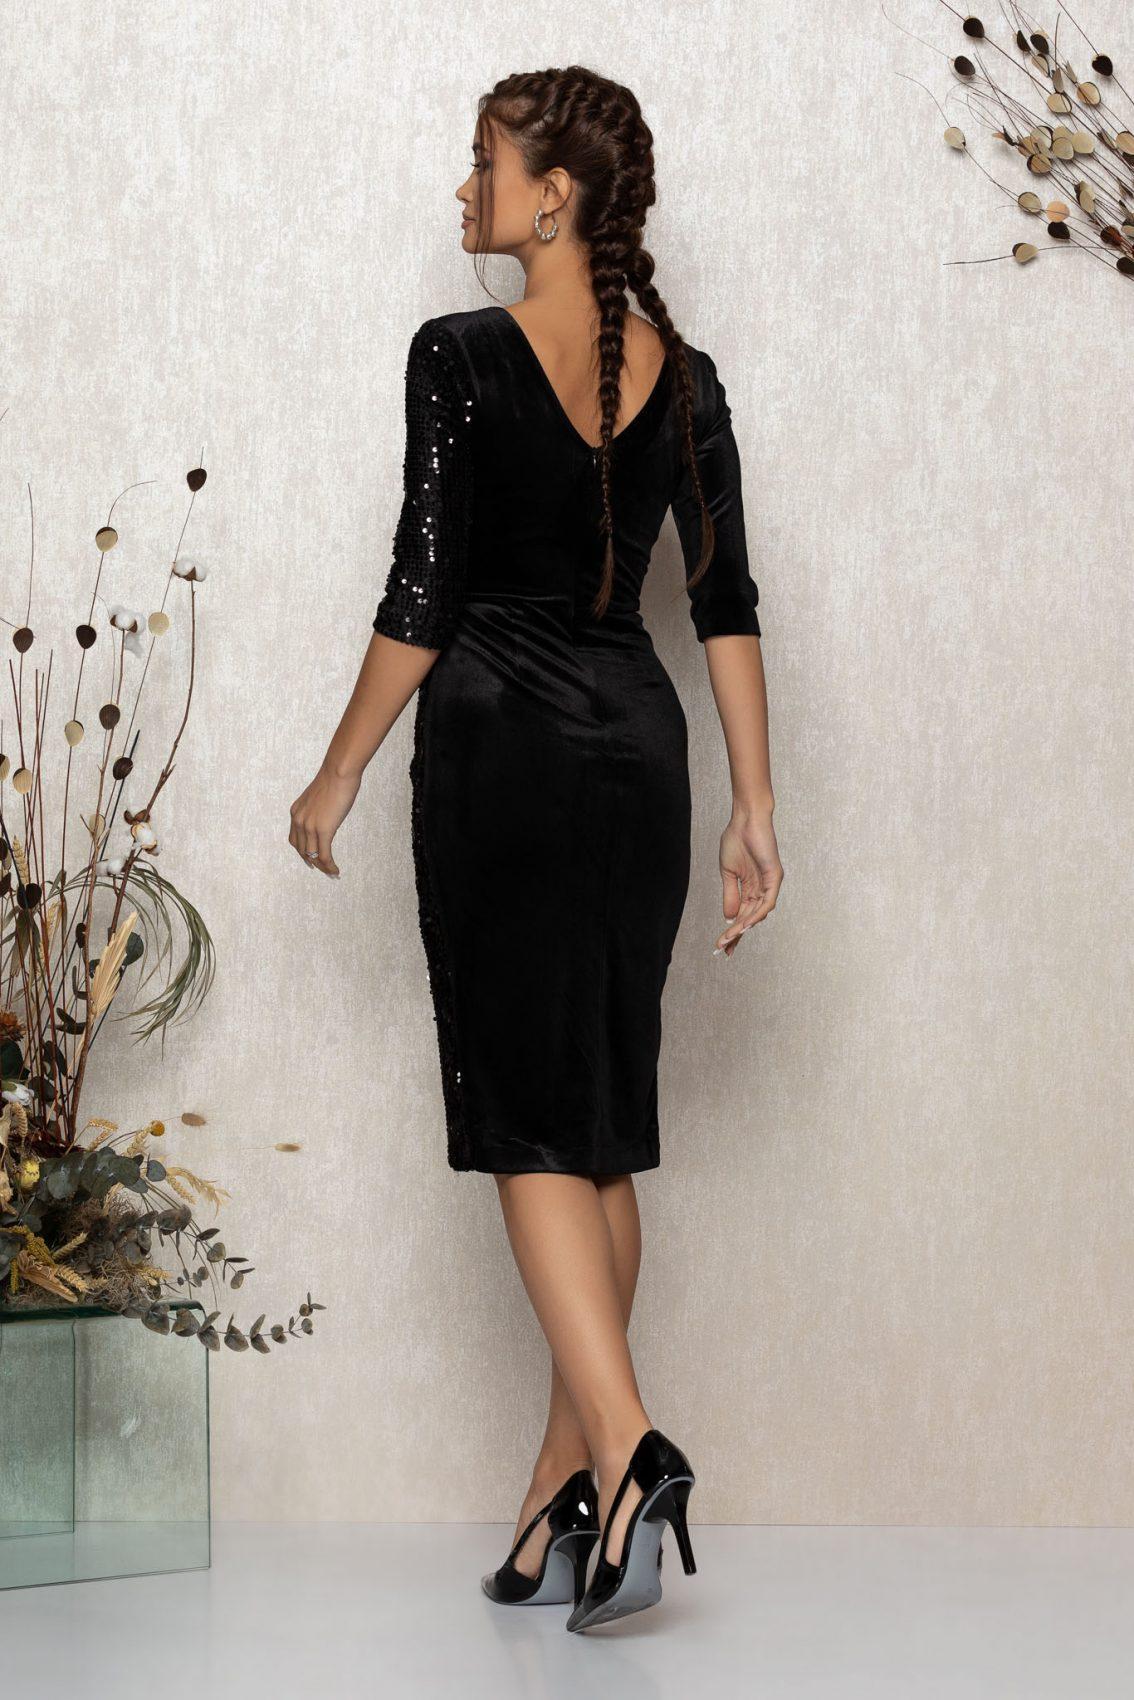 Μίντι Κρουαζέ Μαύρο Φόρεμα Από Βελούδο Sheryl T364 2